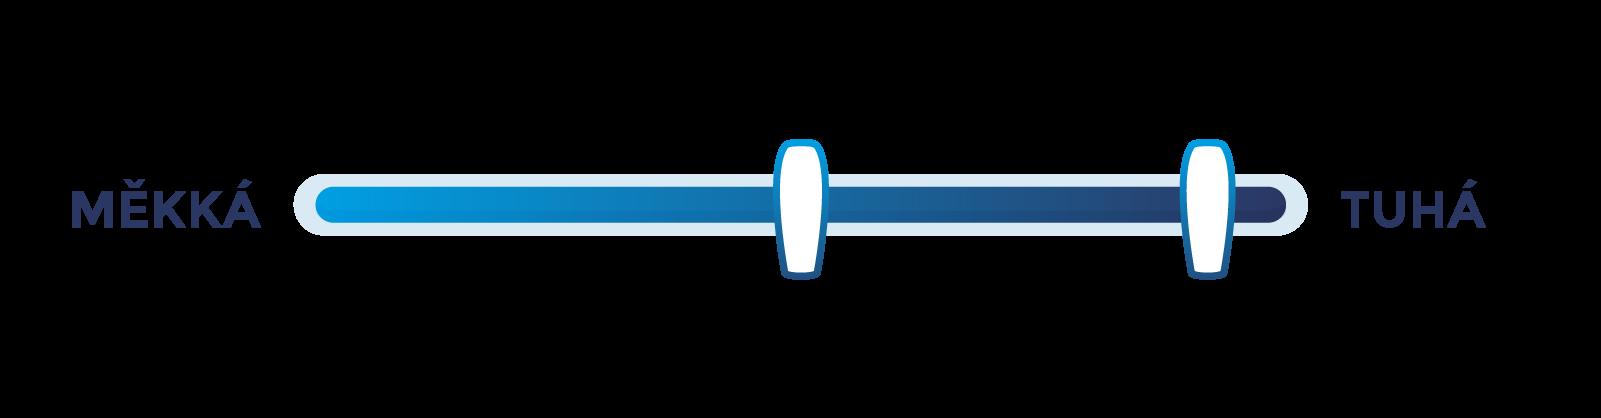 tuhost-matrace-skala-3x5